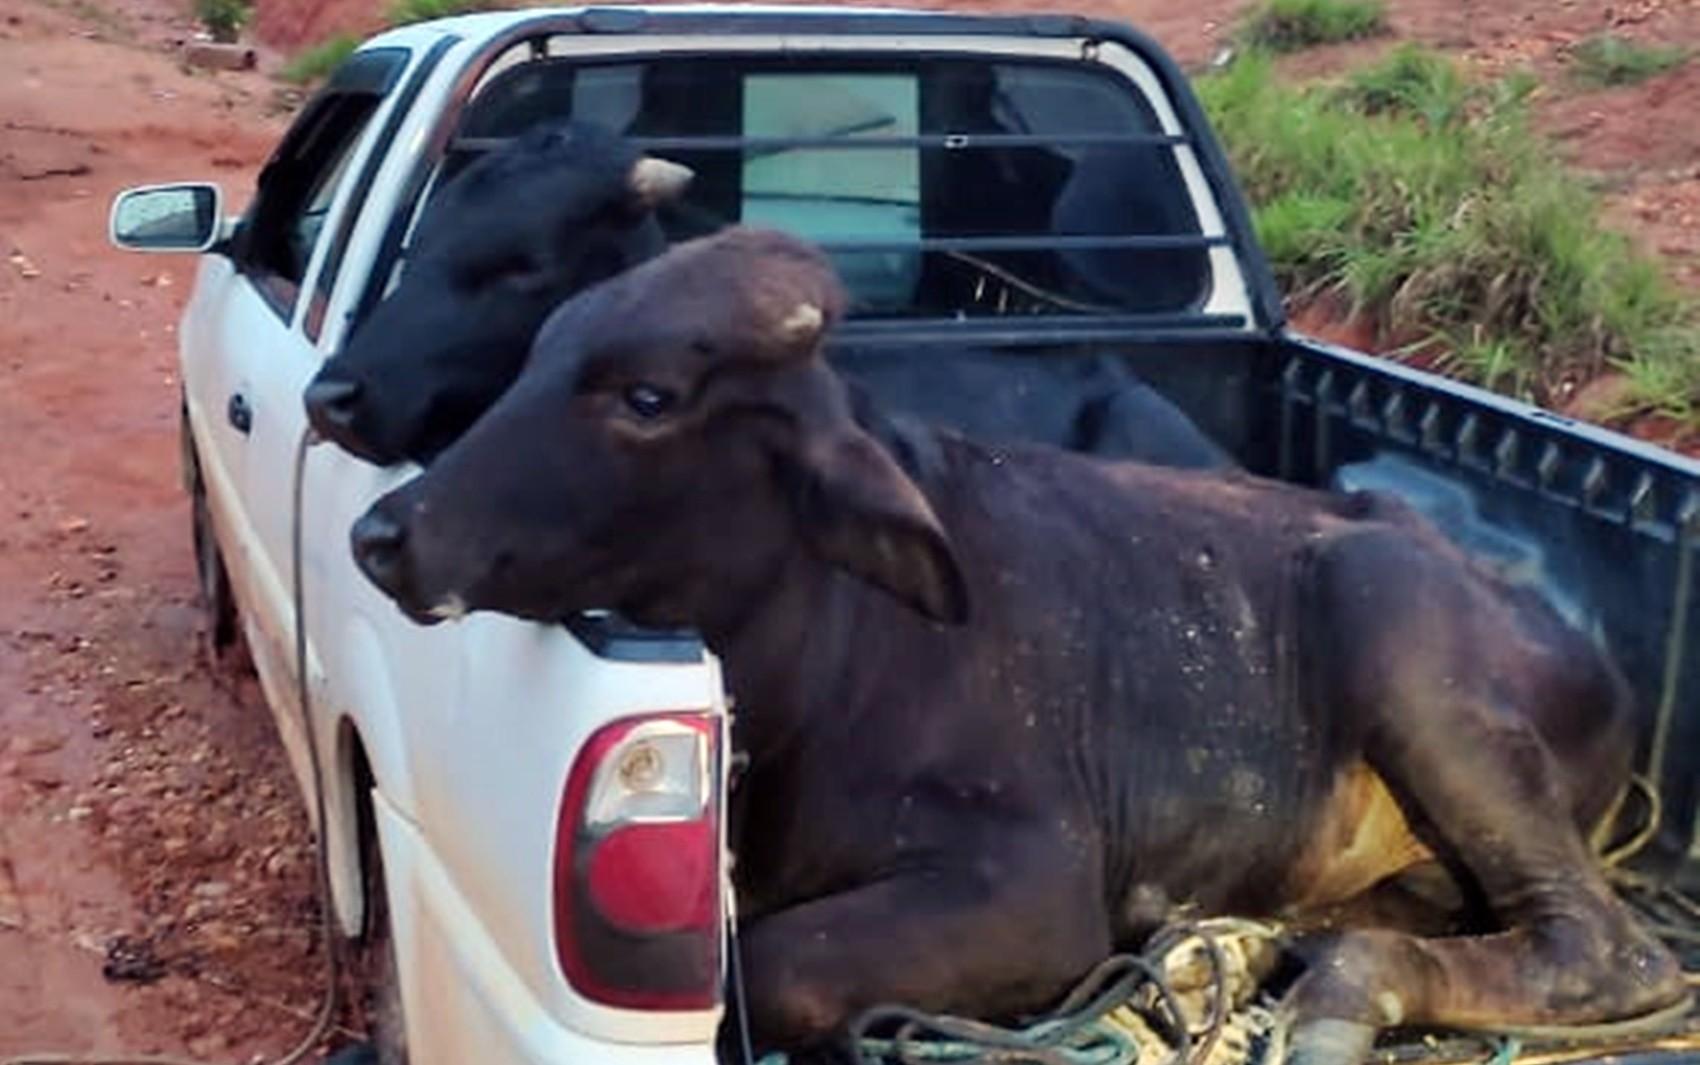 Ladrões de gado são perseguidos e trocam tiros com a polícia em Ouro Fino, MG